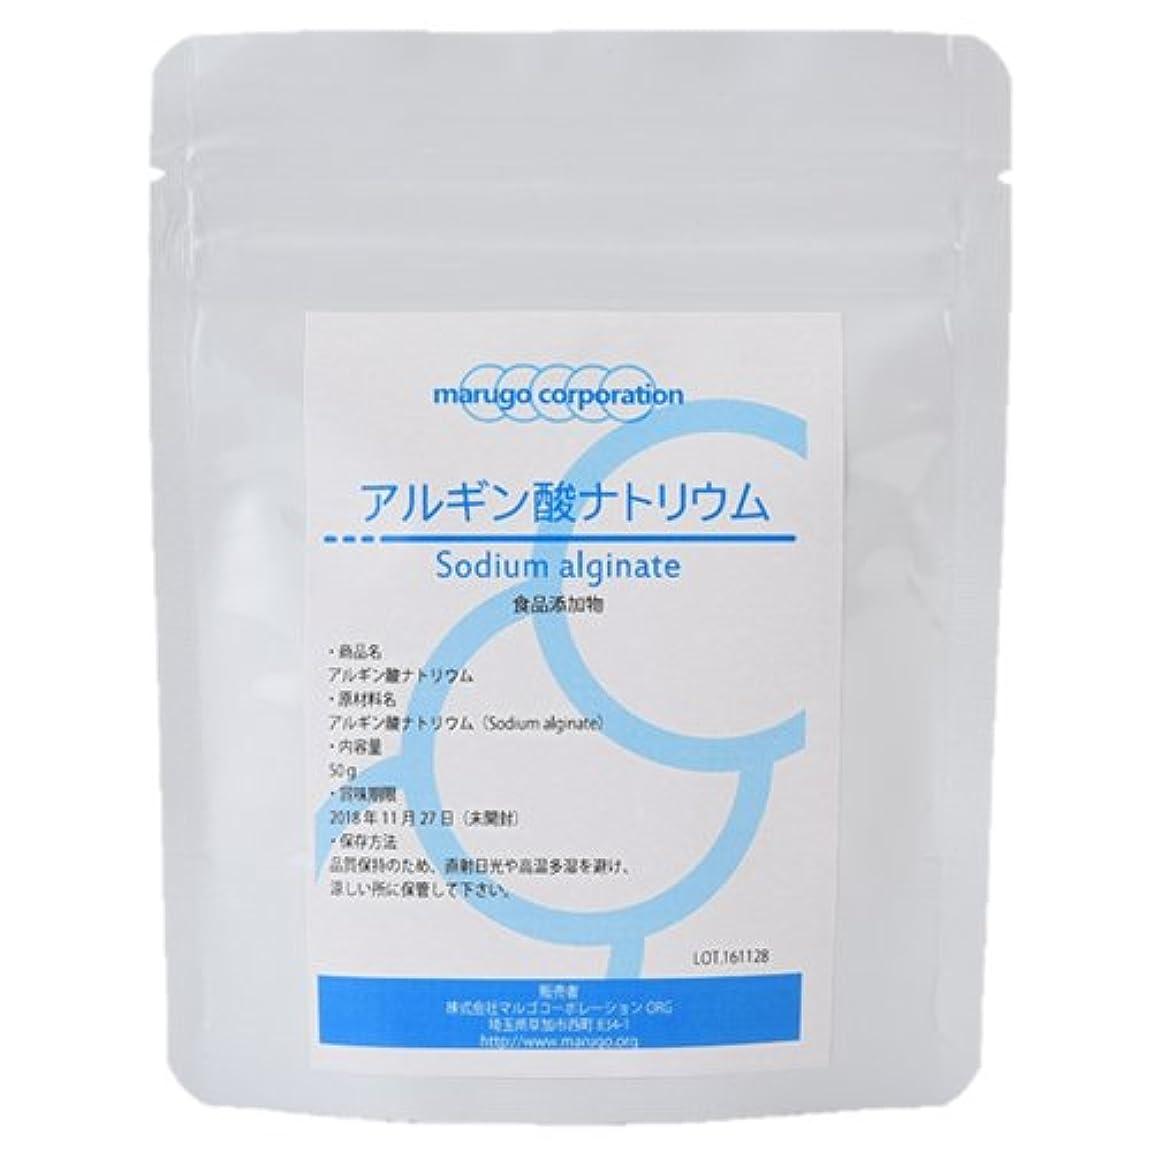 マニアック馬鹿げたテセウスmarugo(マルゴ) アルギン酸ナトリウム 50g 人口イクラ ぷるぷる水 食品添加物グレード(食用)